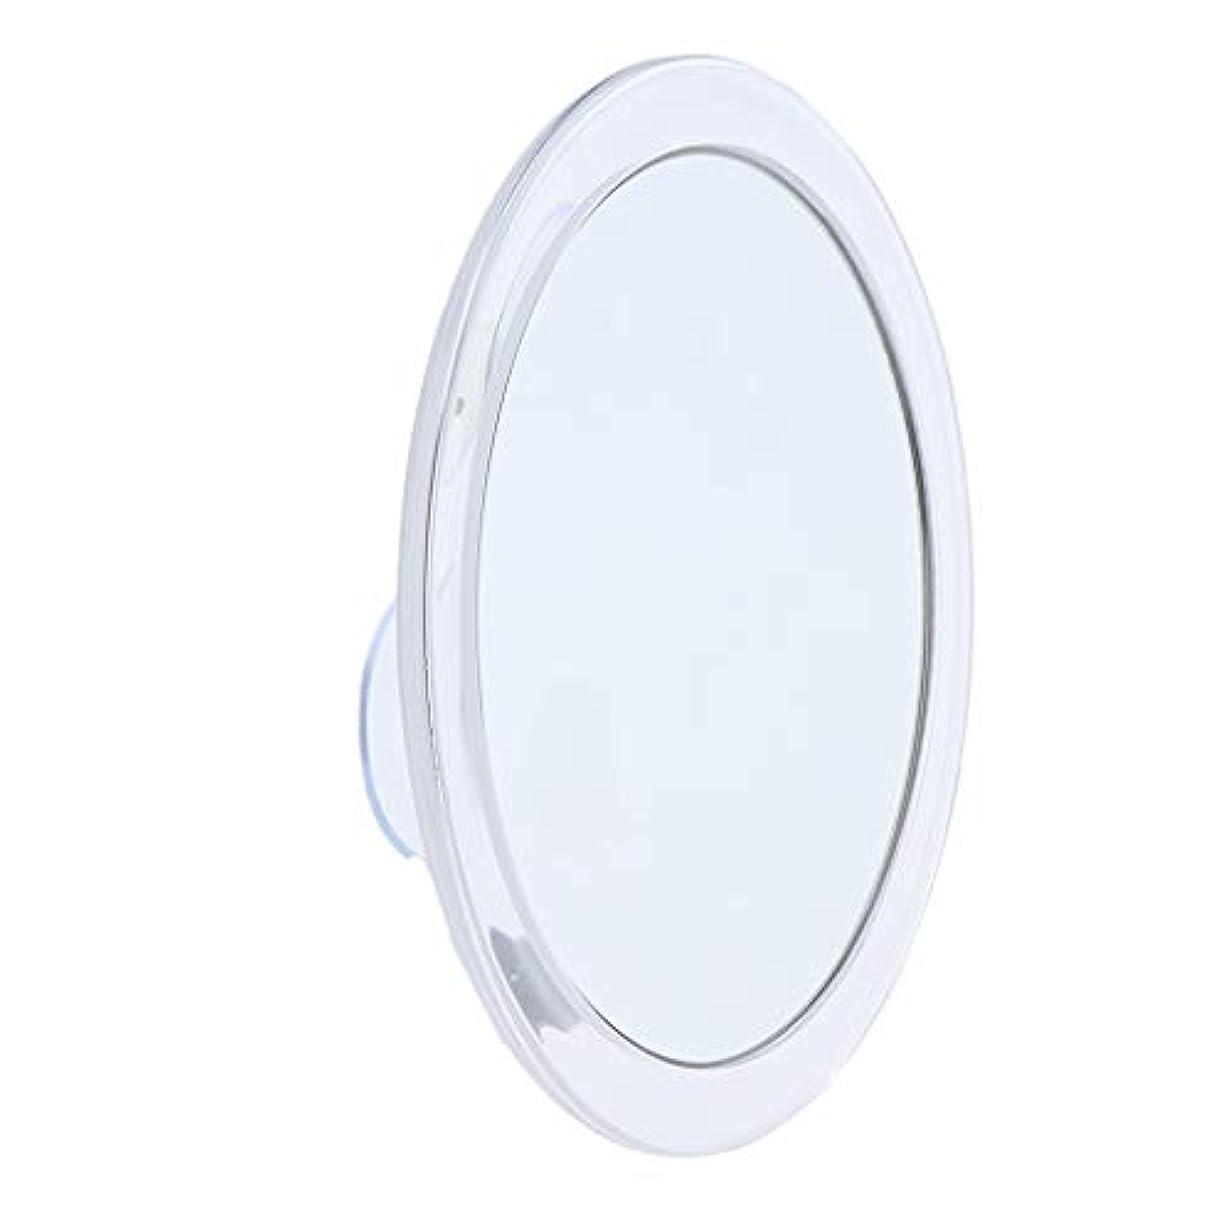 所持居住者発音するCUTICATE サクションミラー 化粧鏡 メイクアップミラー 拡大鏡 5倍 メイク道具